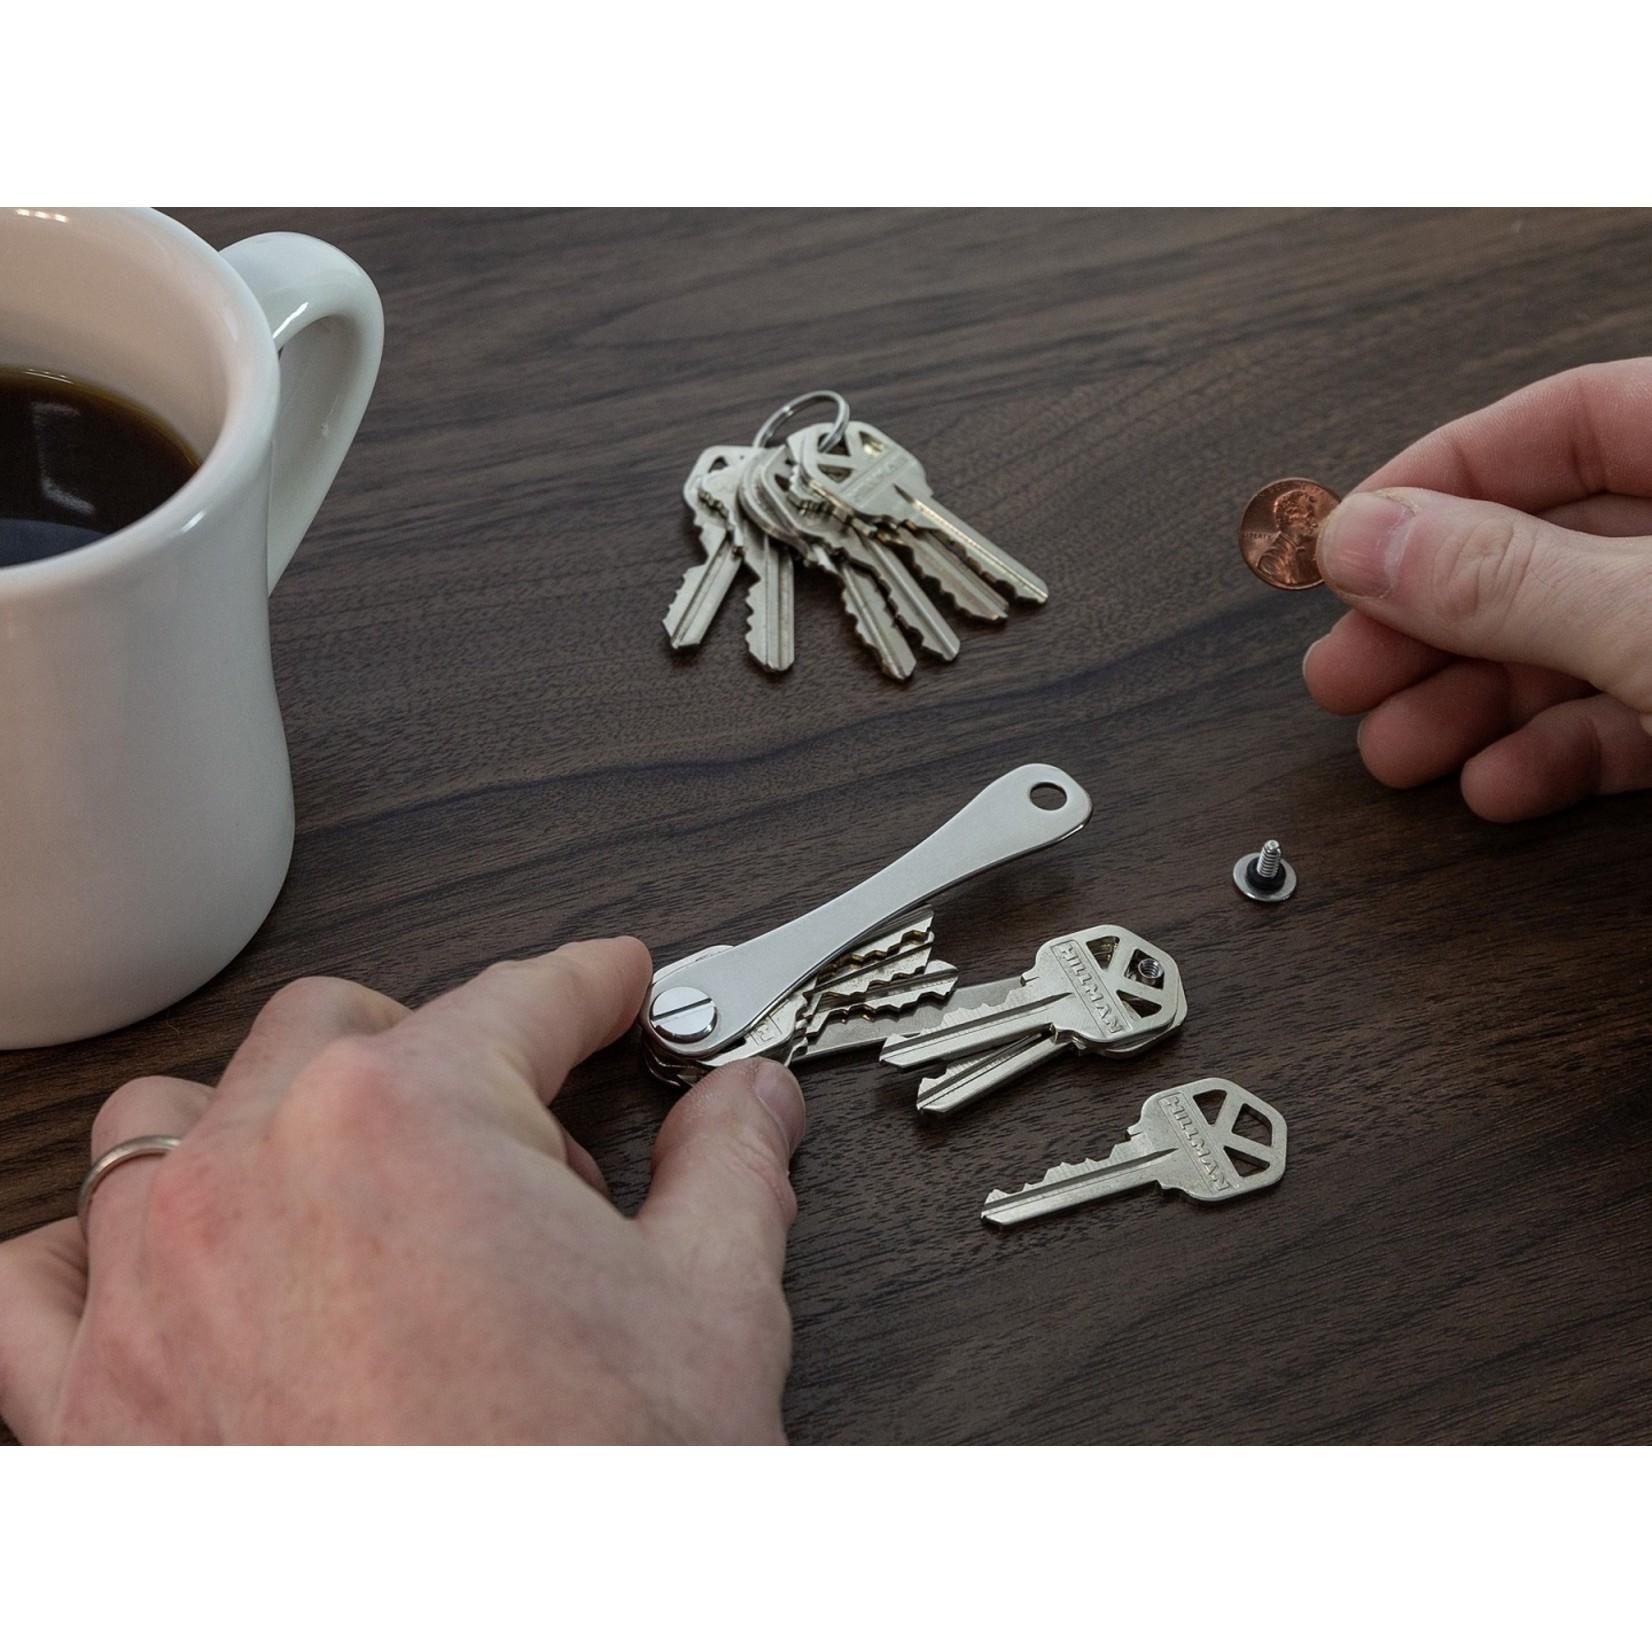 KeySmart KeySmart Compact sleutelhouder titanium